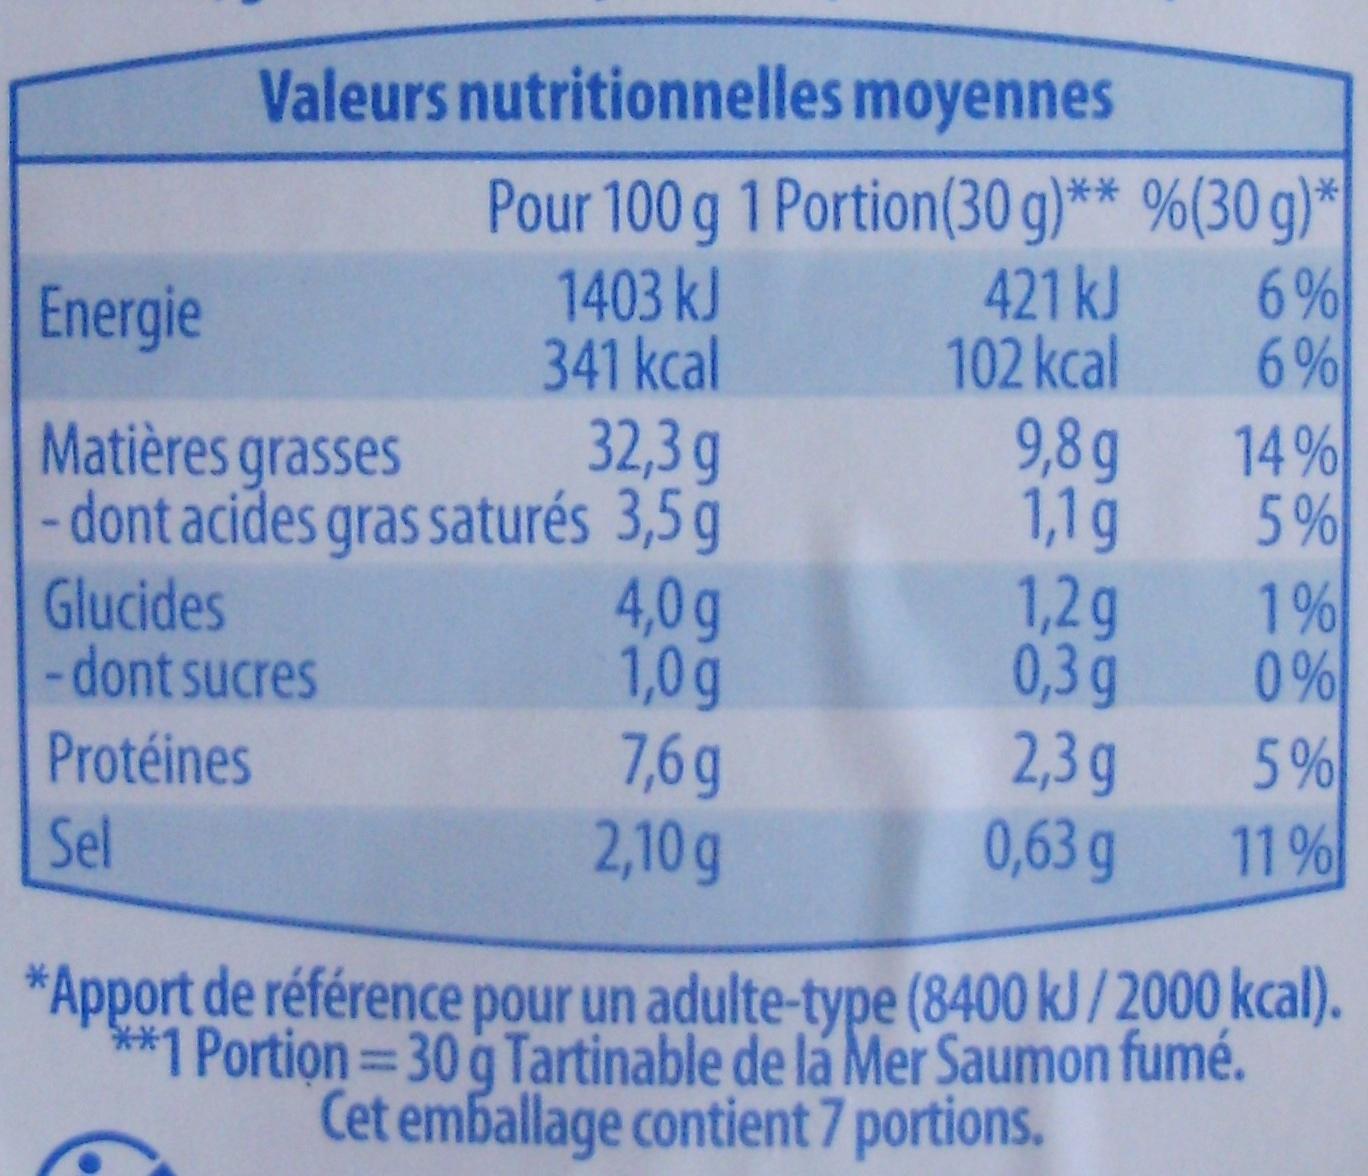 Tartinable de la mer, saumon fumé - Informations nutritionnelles